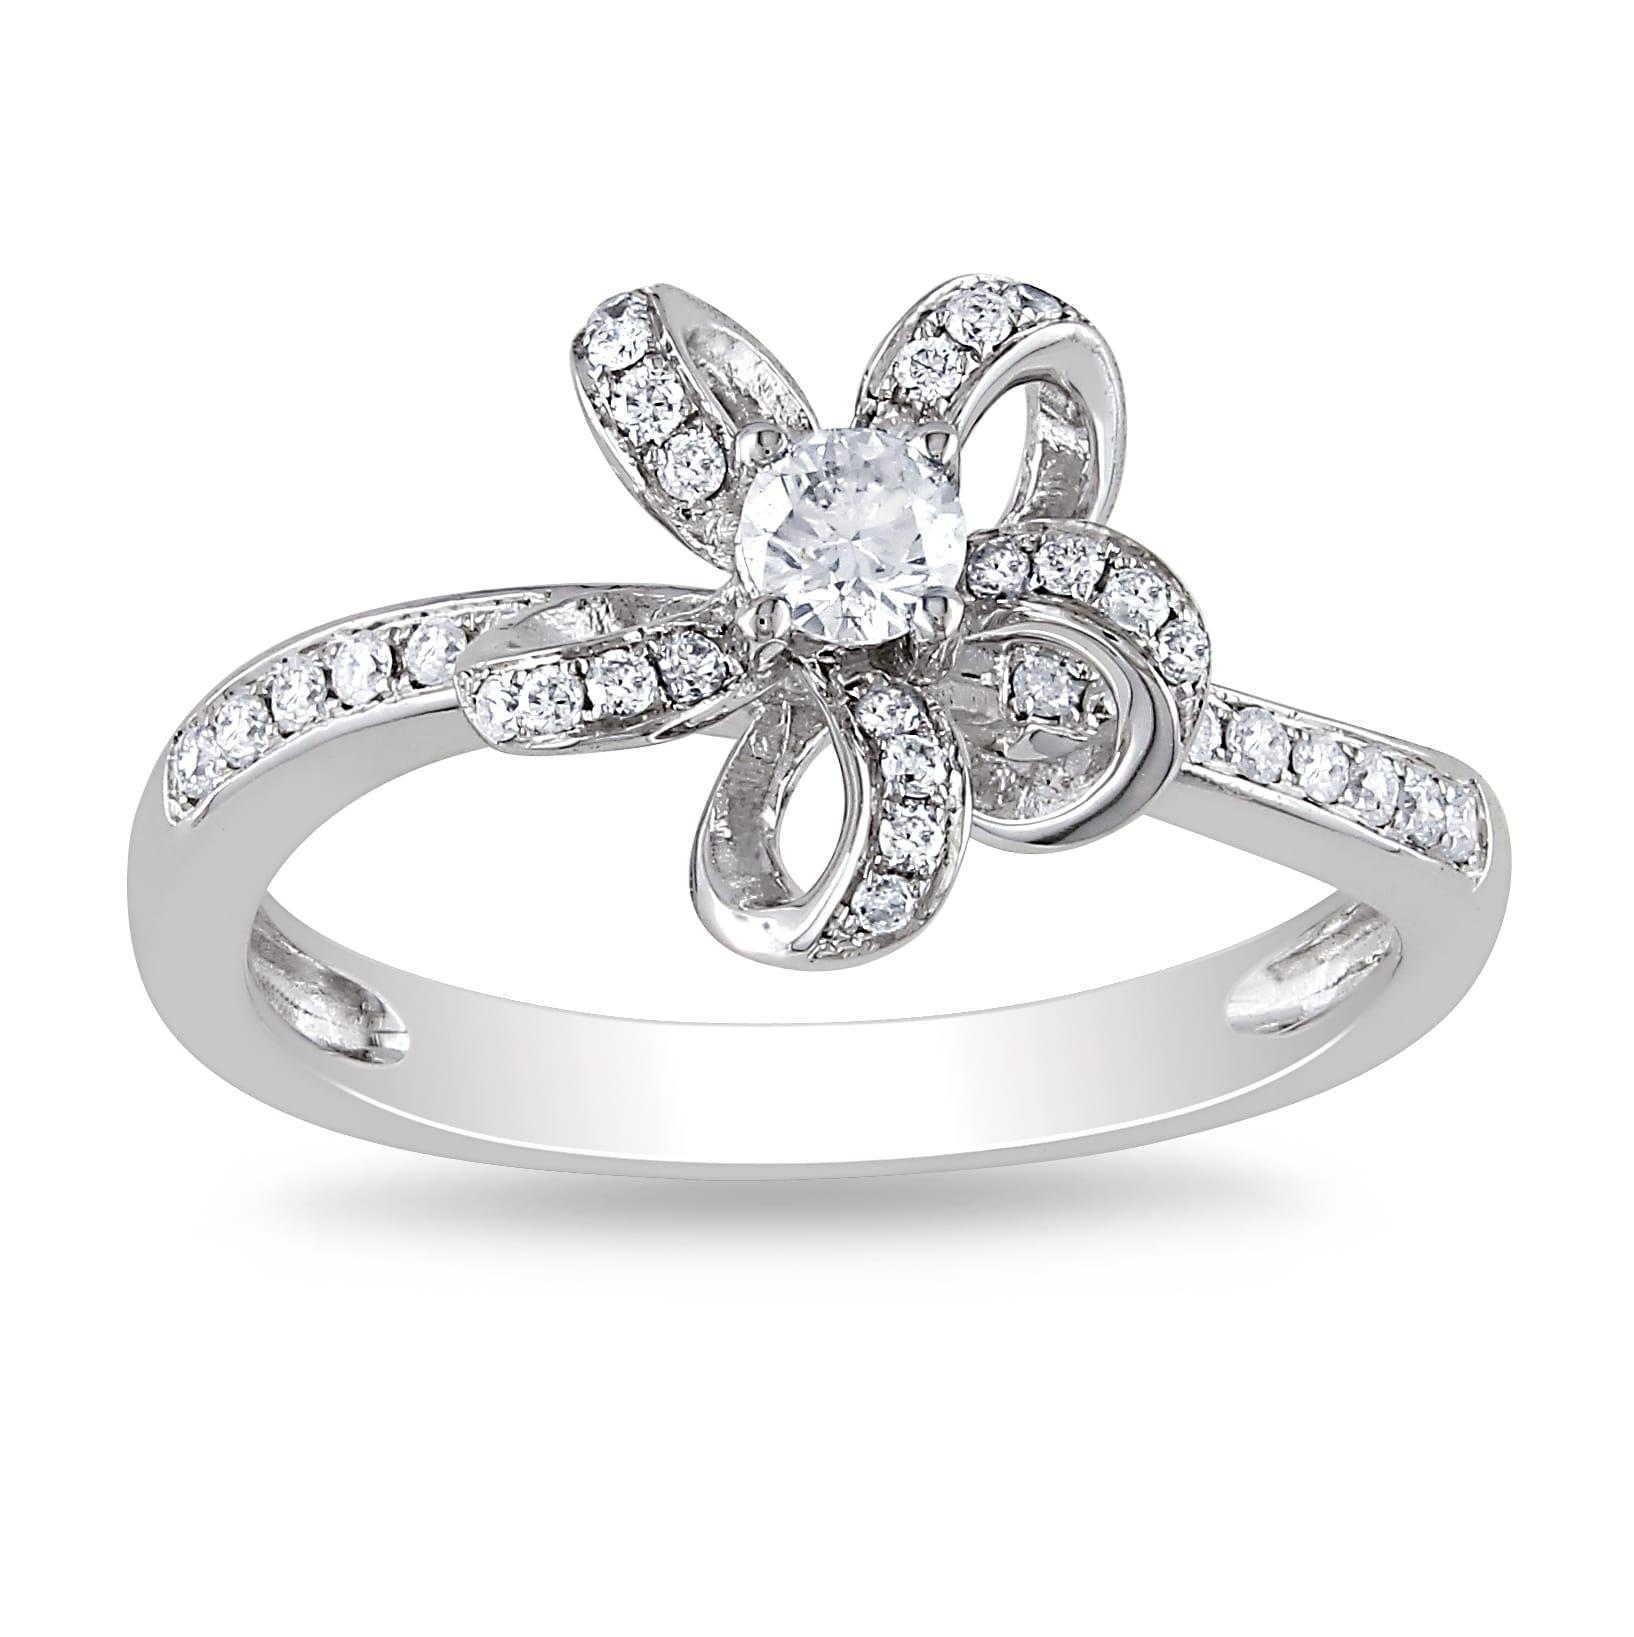 Miadora 14k White Gold 1/4ct TDW Diamond Ring (G-H, SI1-SI2)